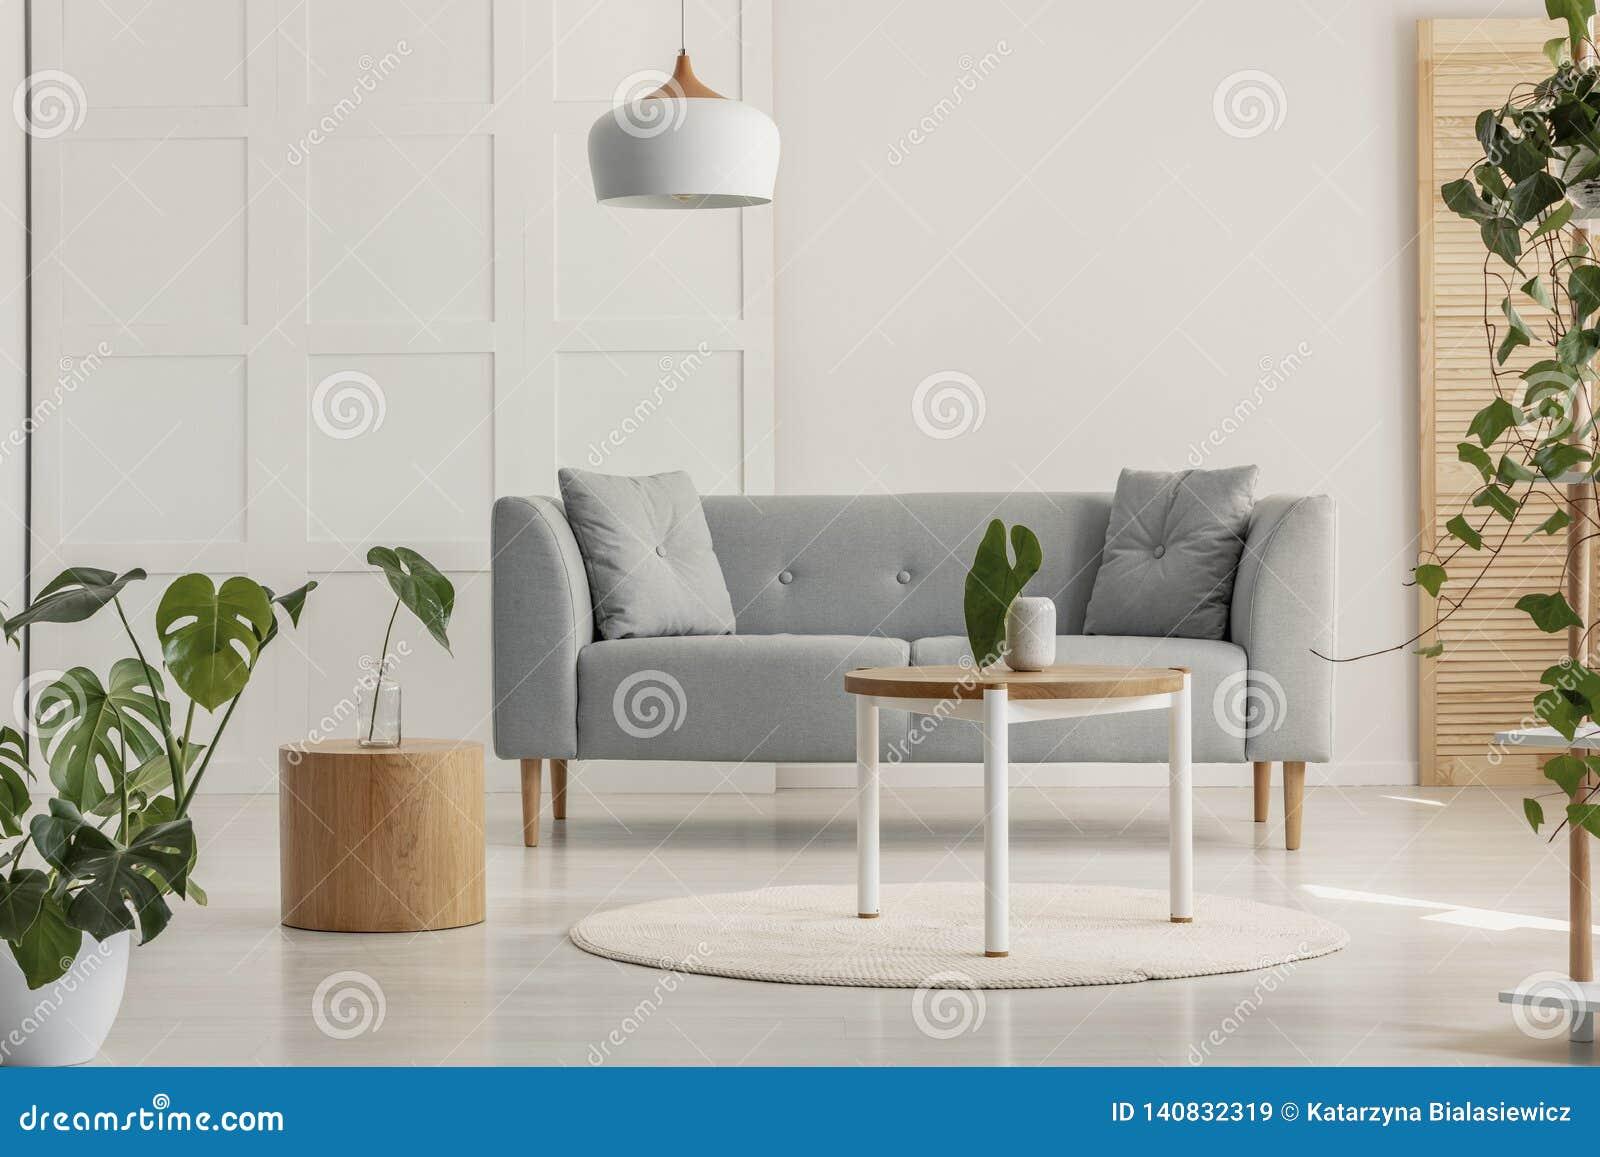 Groen blad in witte vaas op ronde houten koffietafel in modieuze woonkamer met grijze Skandinavische bank